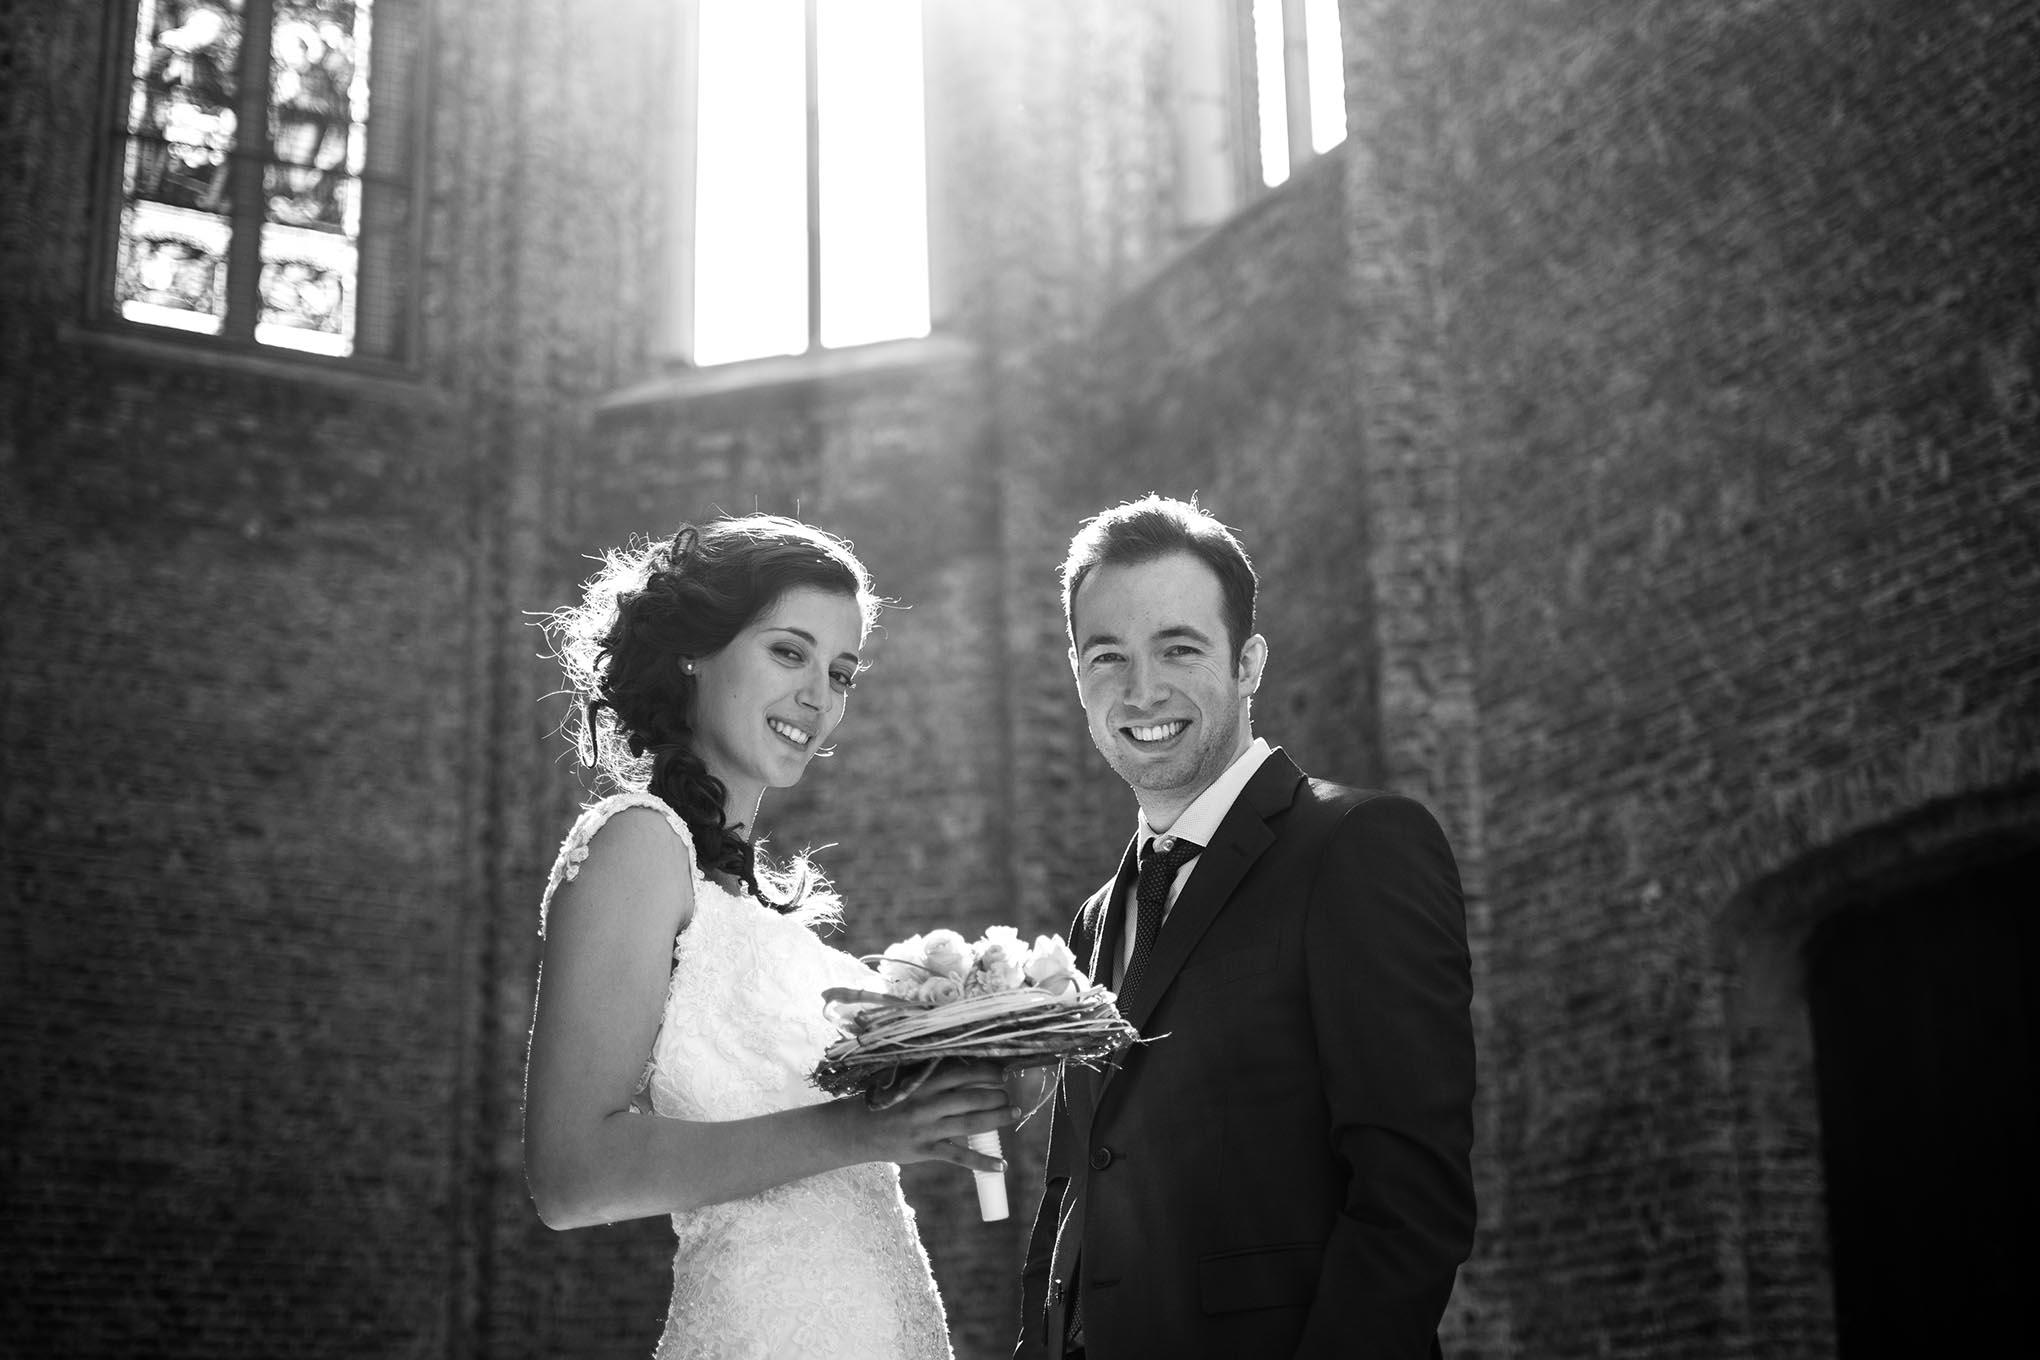 Bruidspaar op hun trouwdag poseert voor een fotoshoot genomen in de kunstkerk van de gemeente Bossuyt.